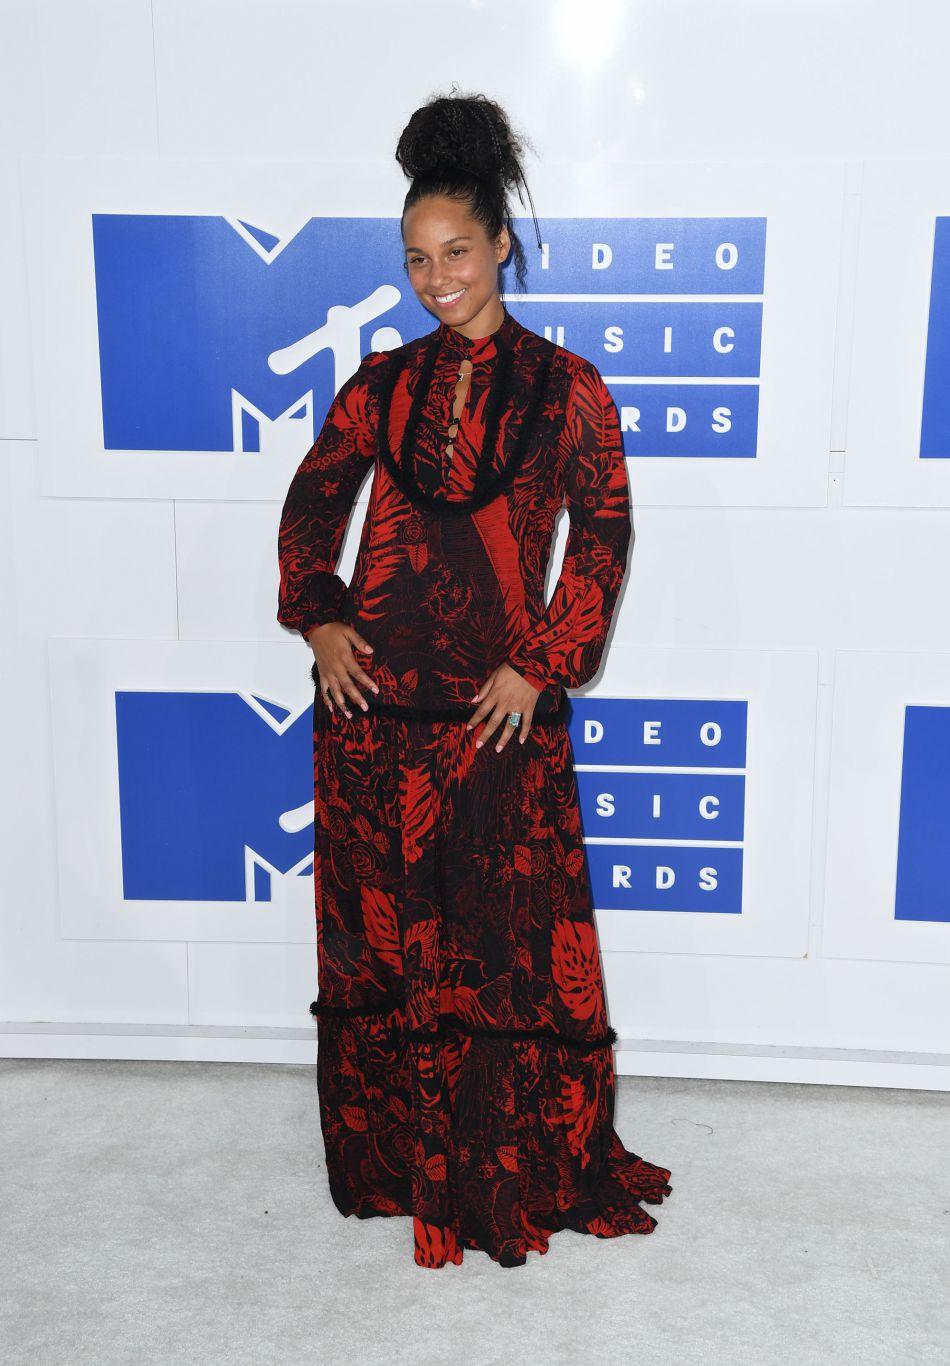 Des réactions négatives et infondées qui ont poussé Alicia Keys à répondre.